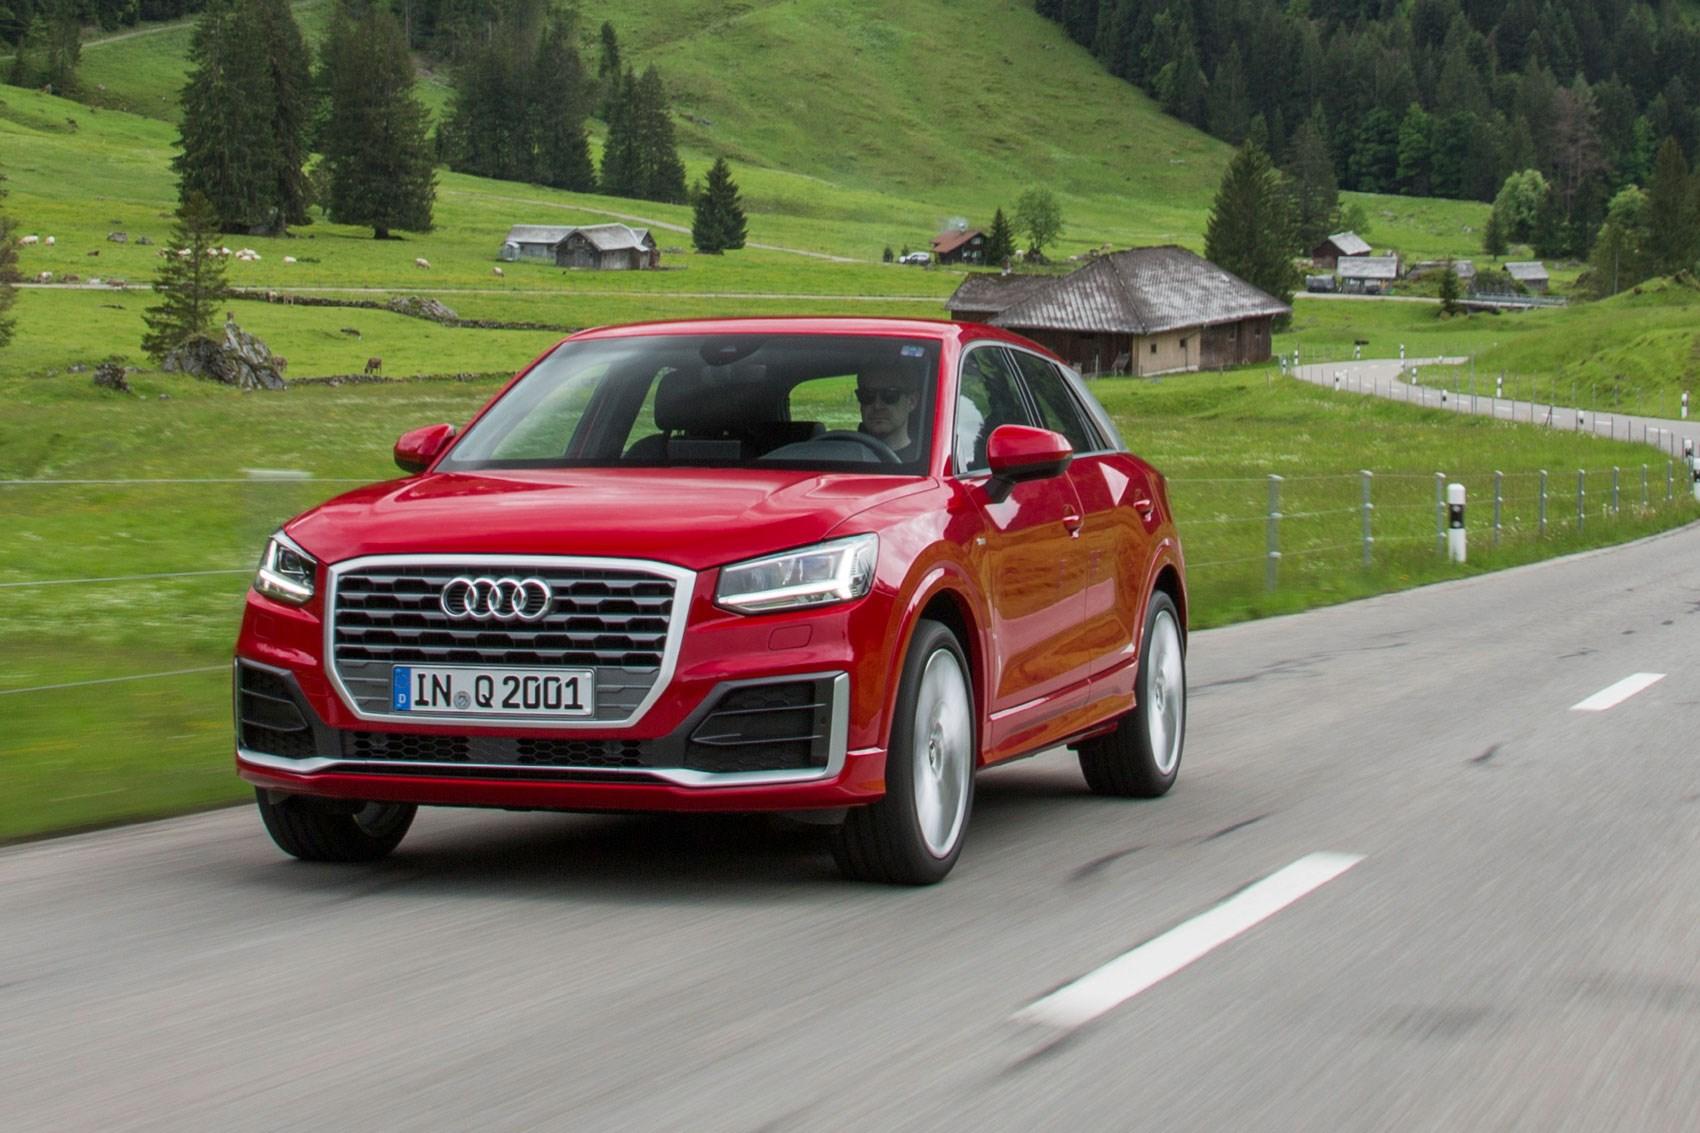 Audi arlington service specials